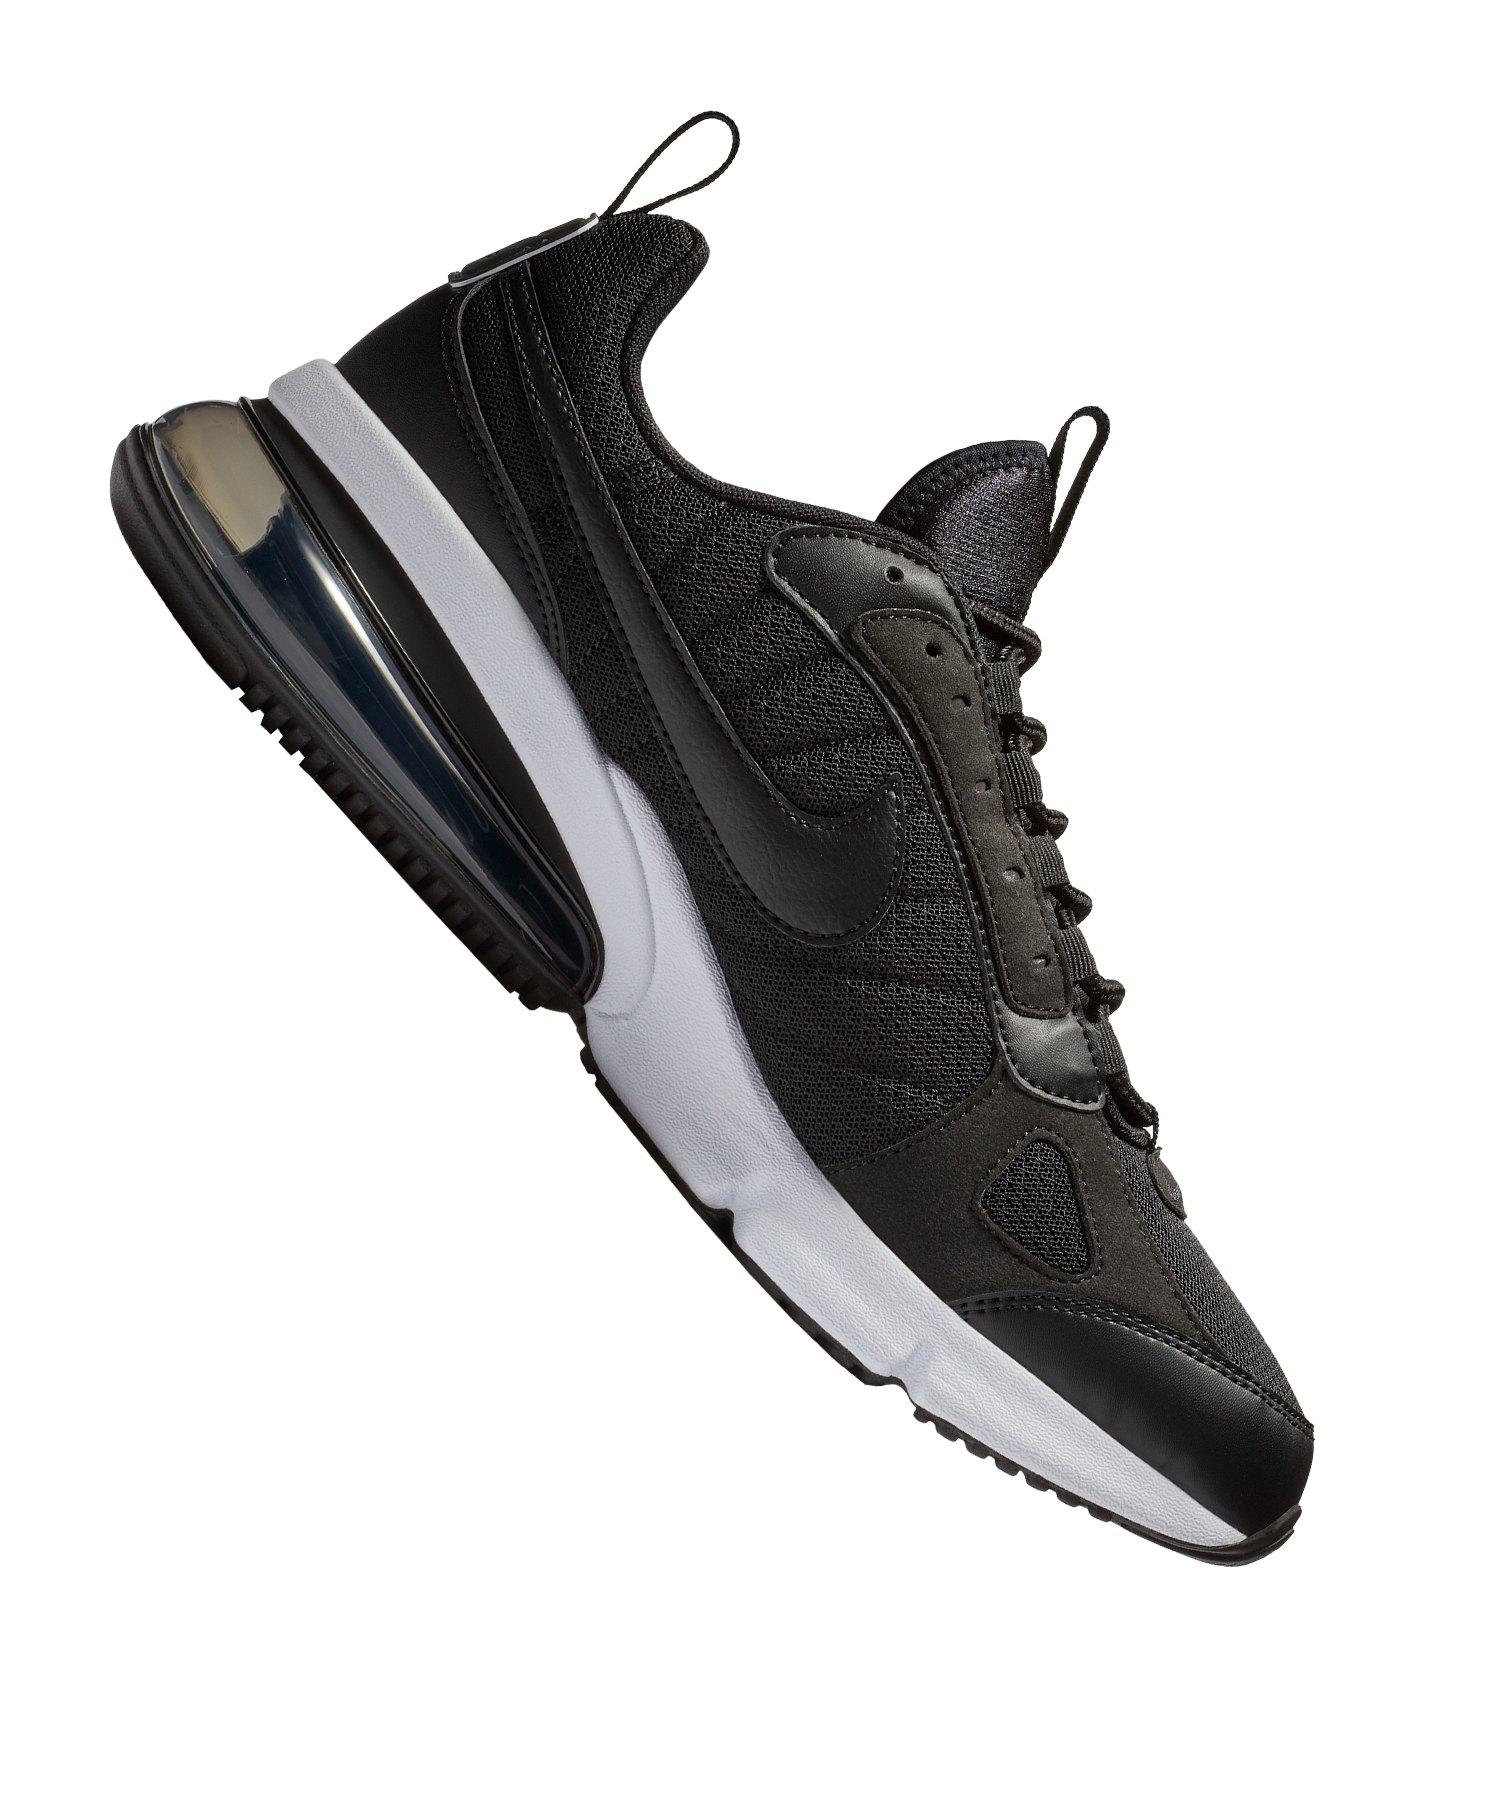 8ba700fe3188ec Nike Air Max 270 Futura Sneaker Schwarz Weiss F001 - schwarz